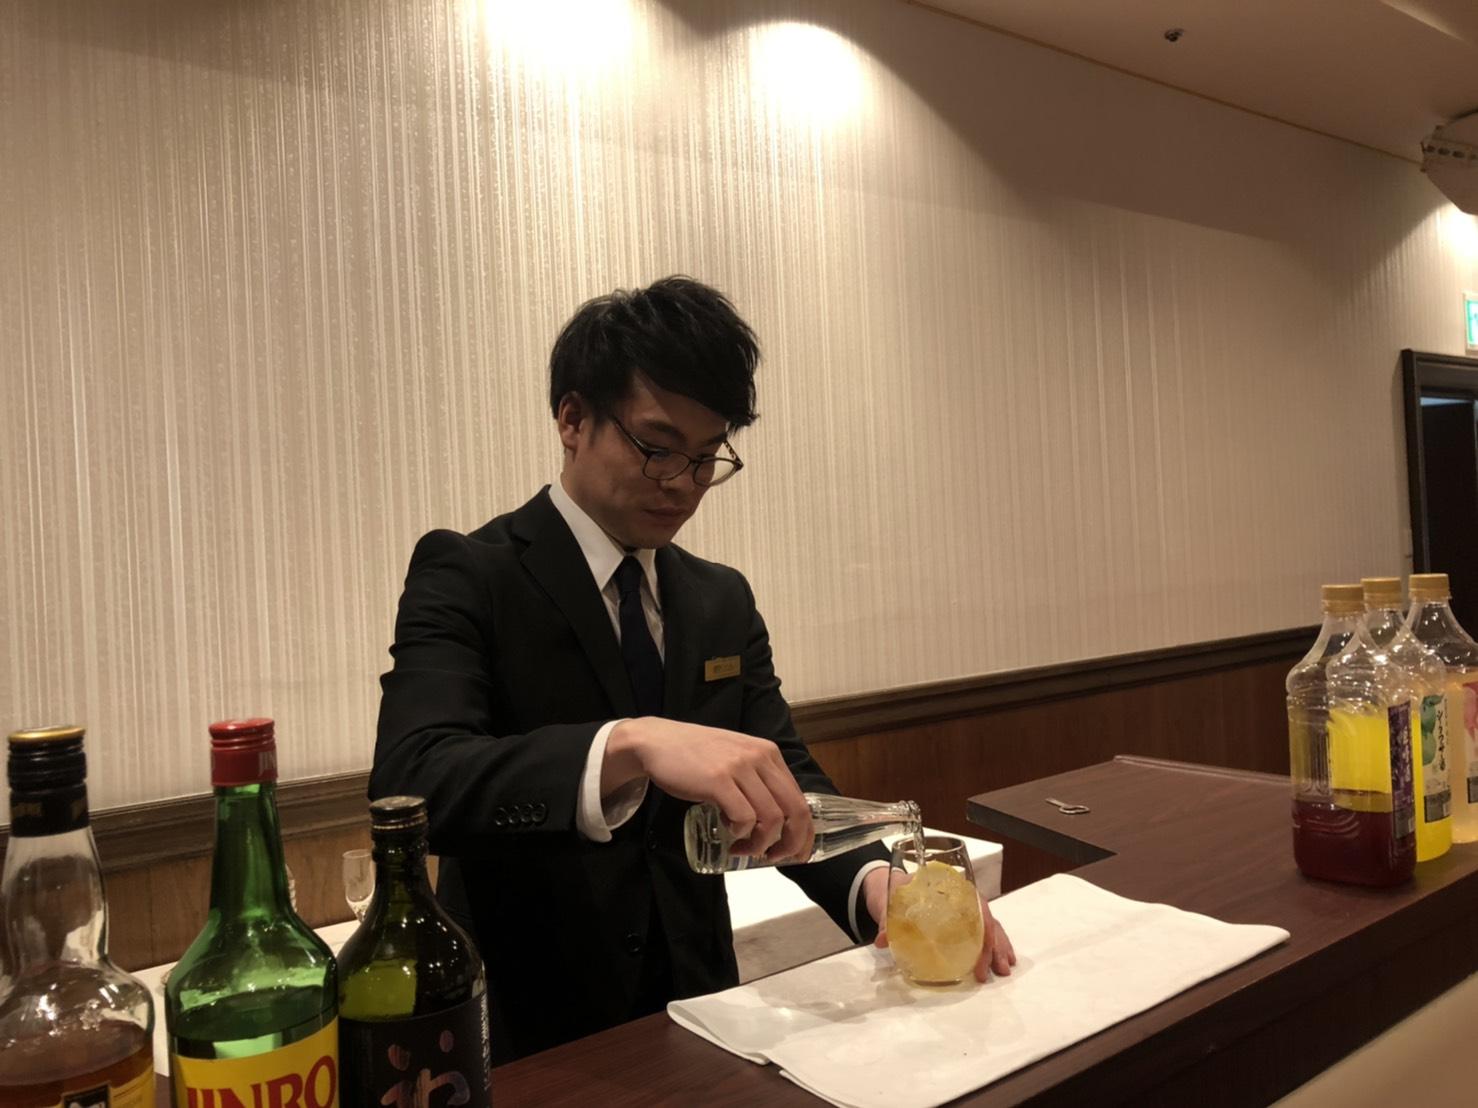 ブライダル事業部 東京第一ホテル米沢 サービス課